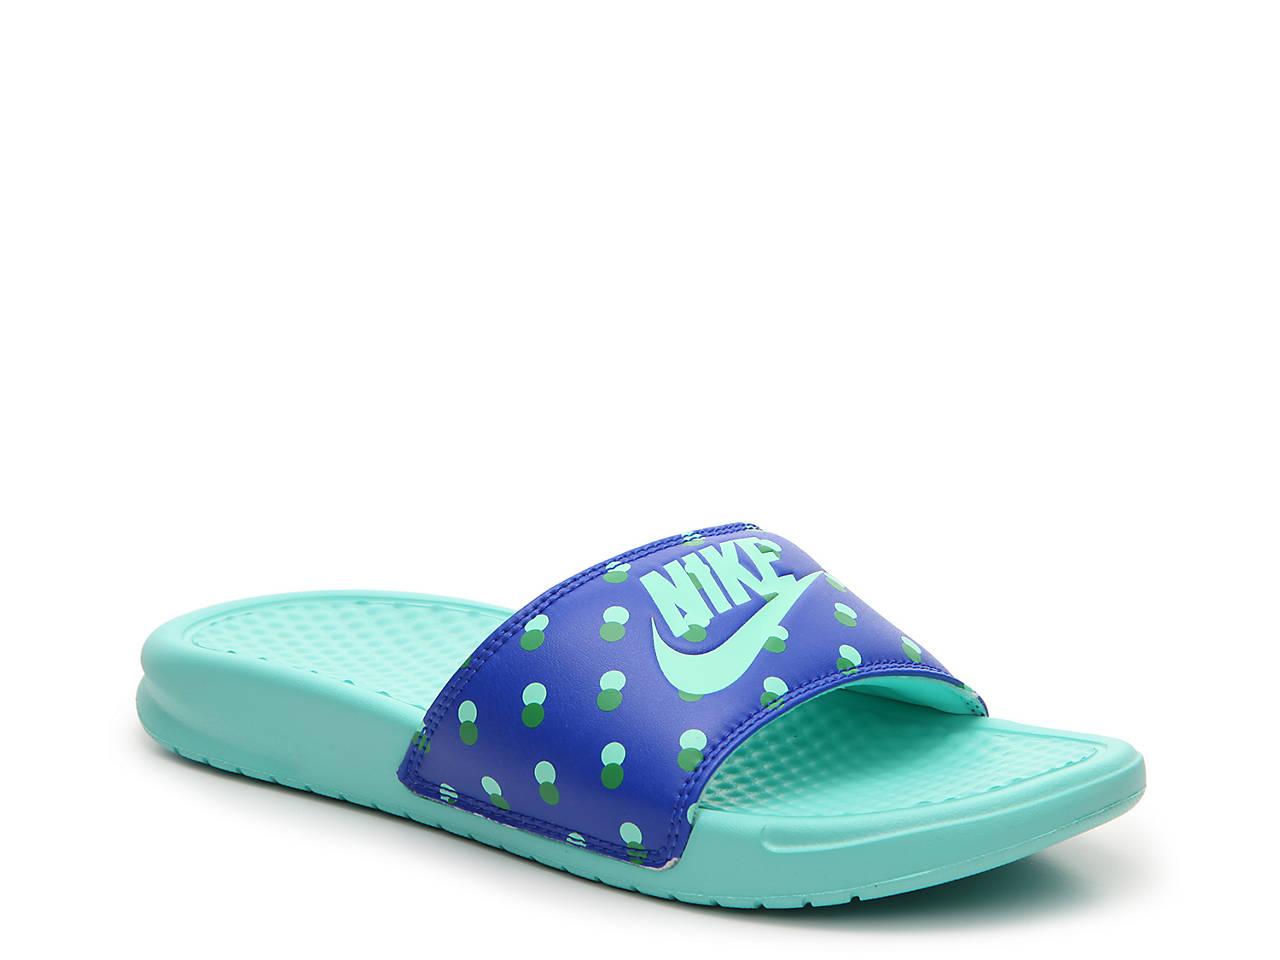 259f54793 Nike Benassi Just Do It Polka Dot Slide Sandal Women s Shoes